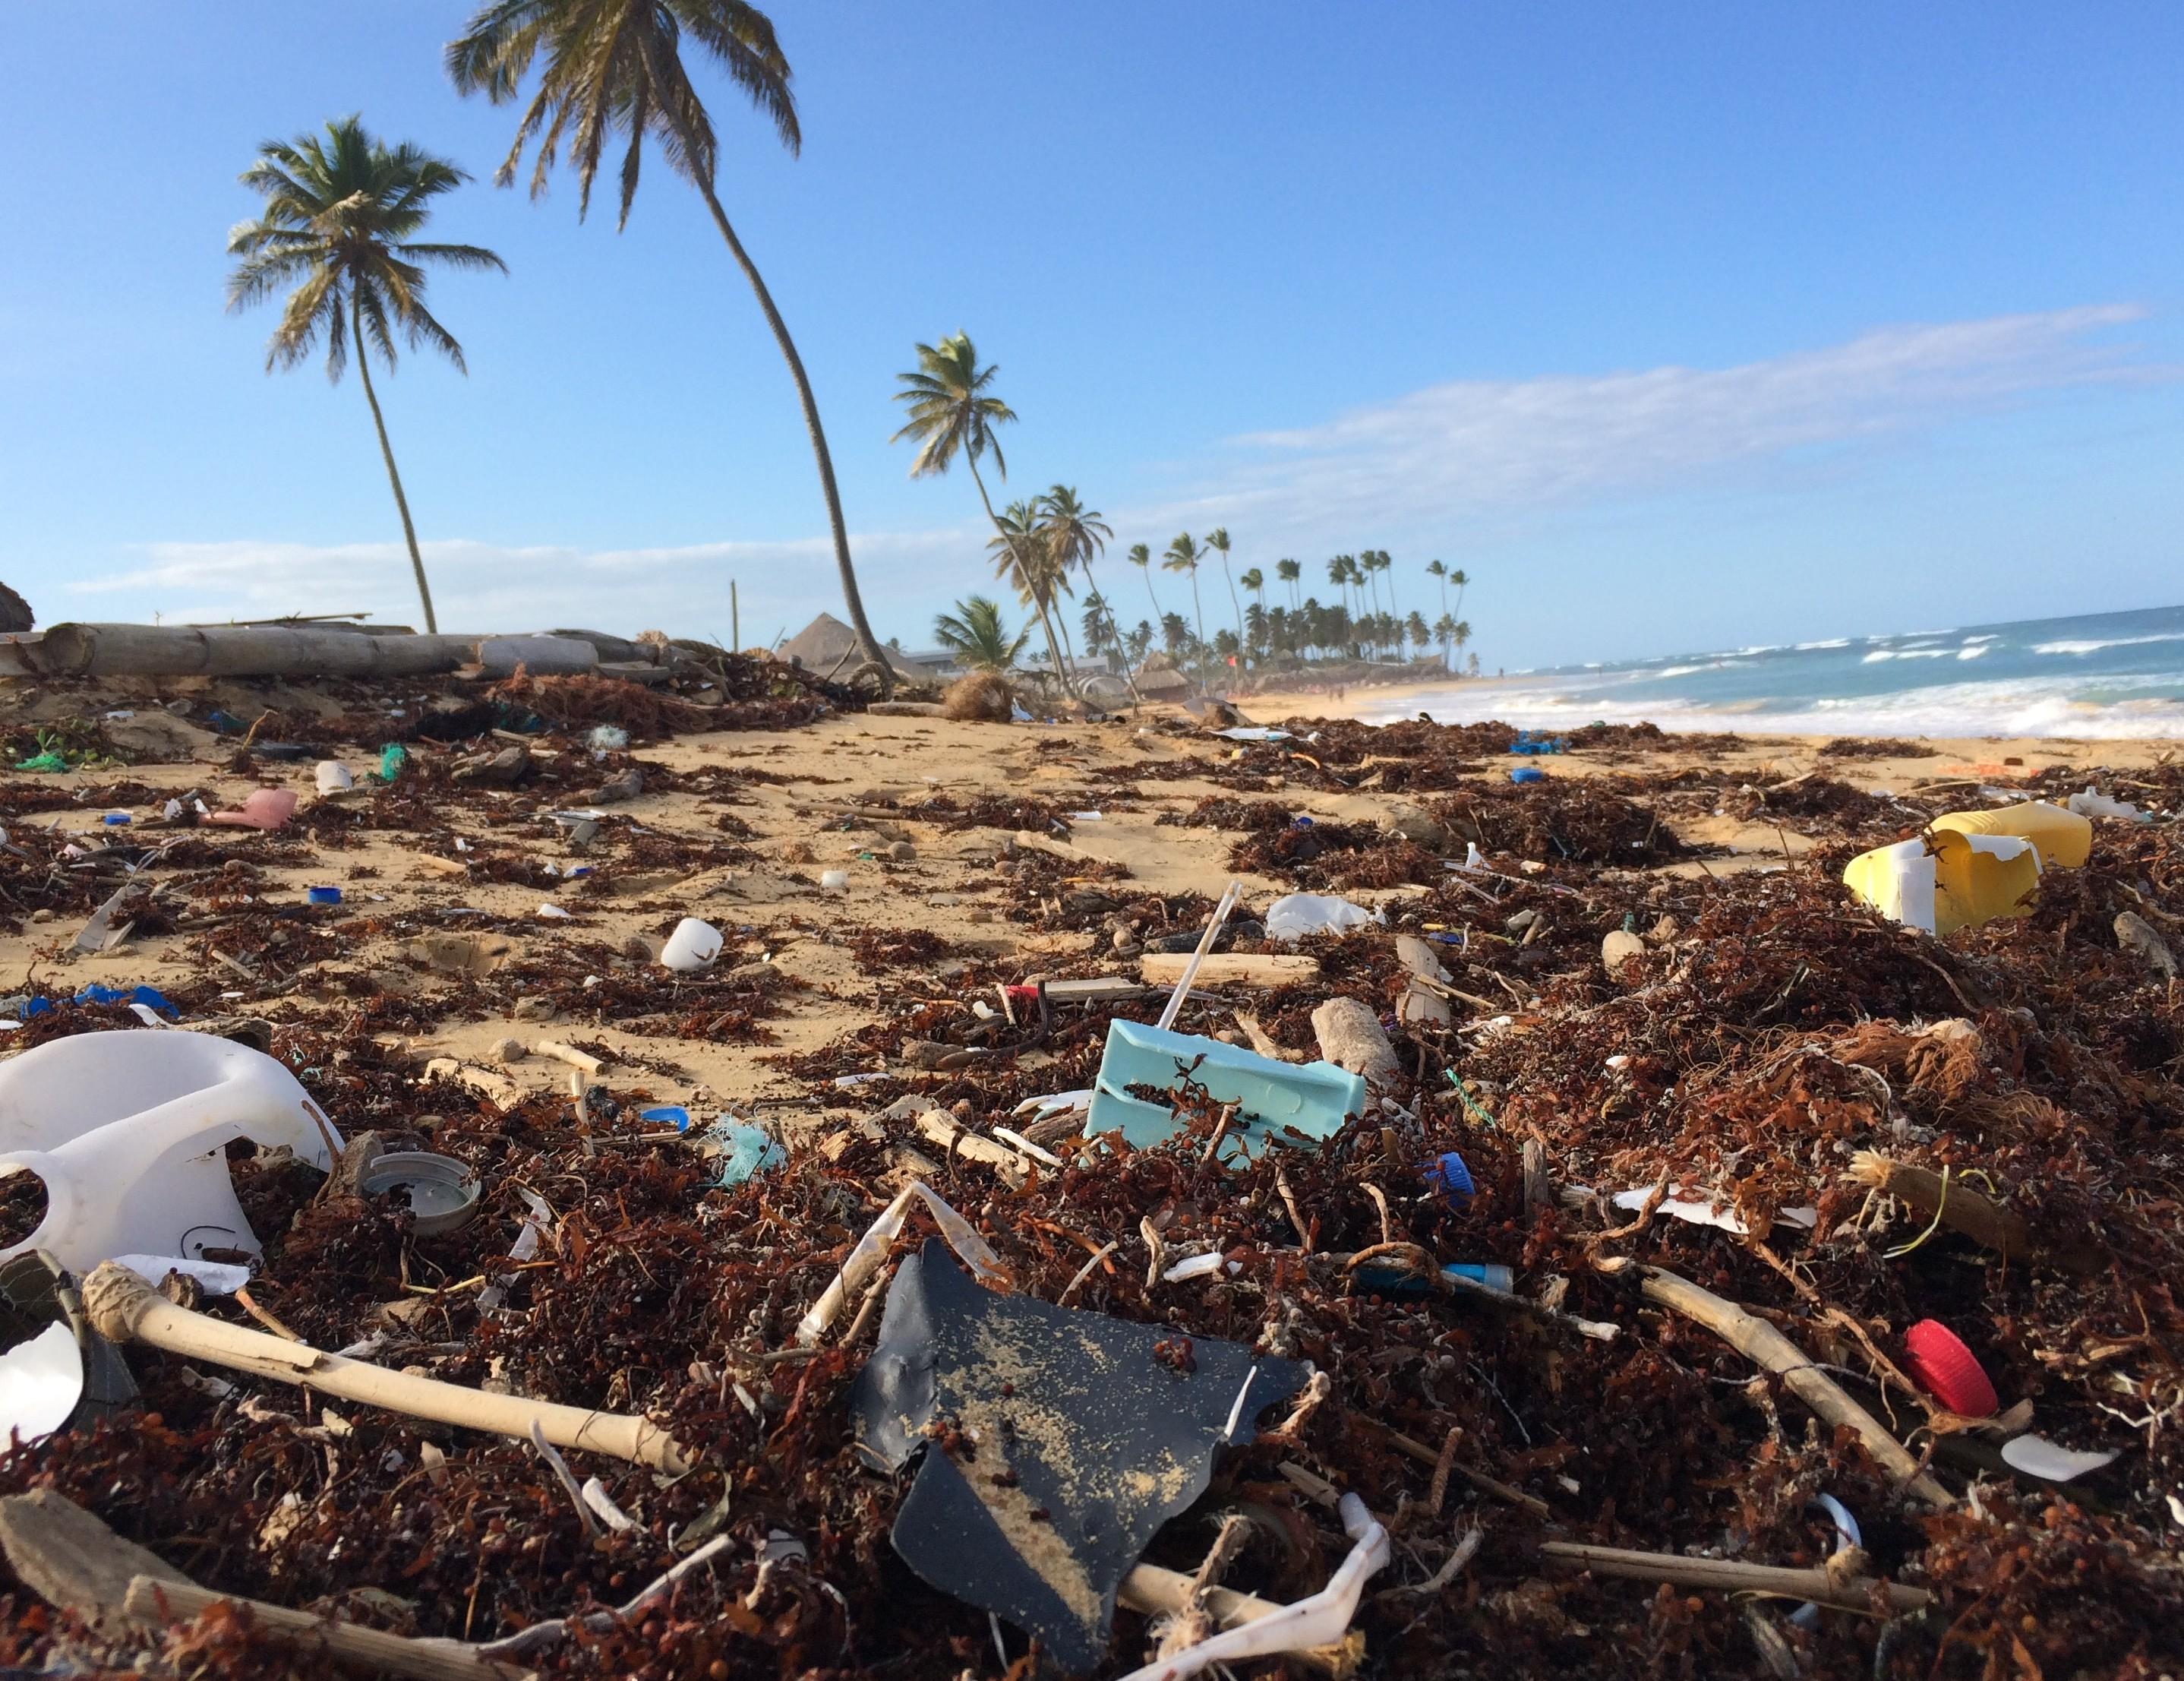 Plastics Usage: An area of concern